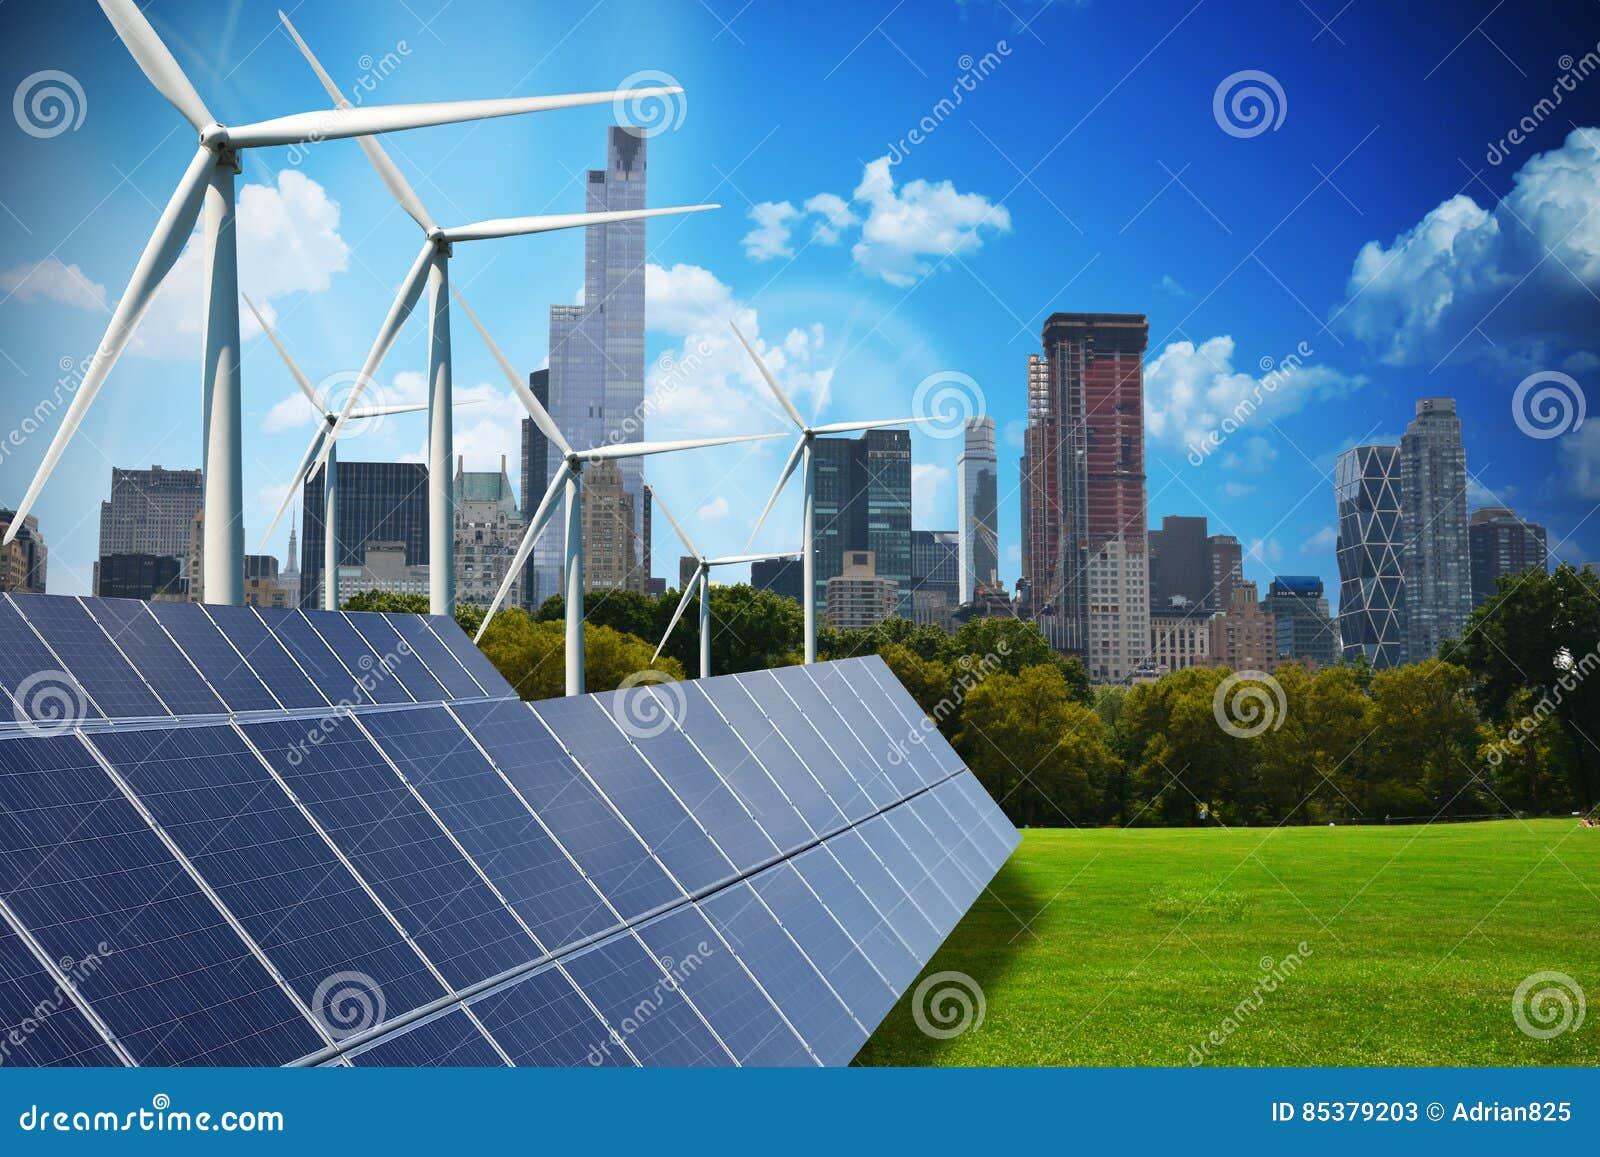 Moderne grüne Stadt angetrieben nur durch erneuerbare Energiequellen